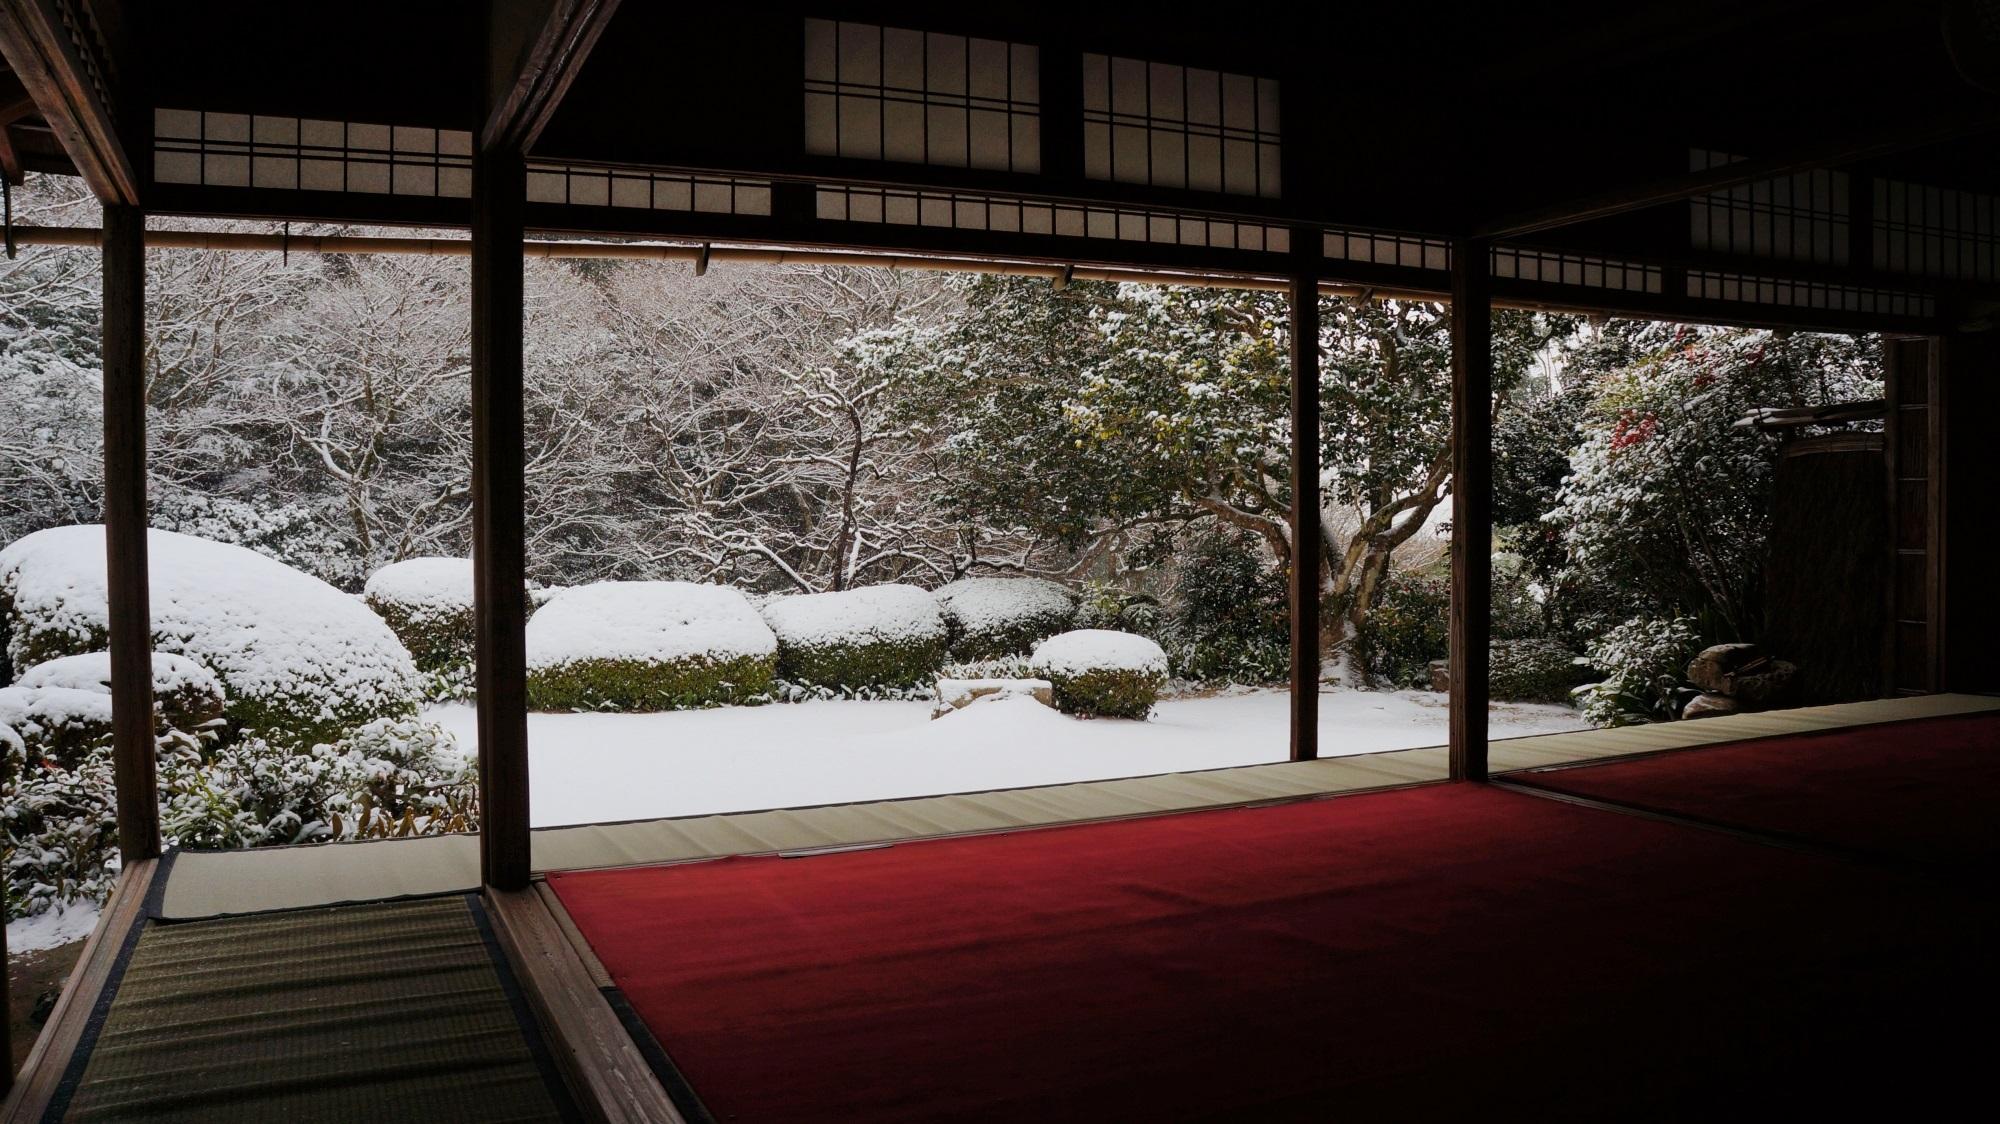 詩仙堂 雪 息をのむ名刹の冬景色